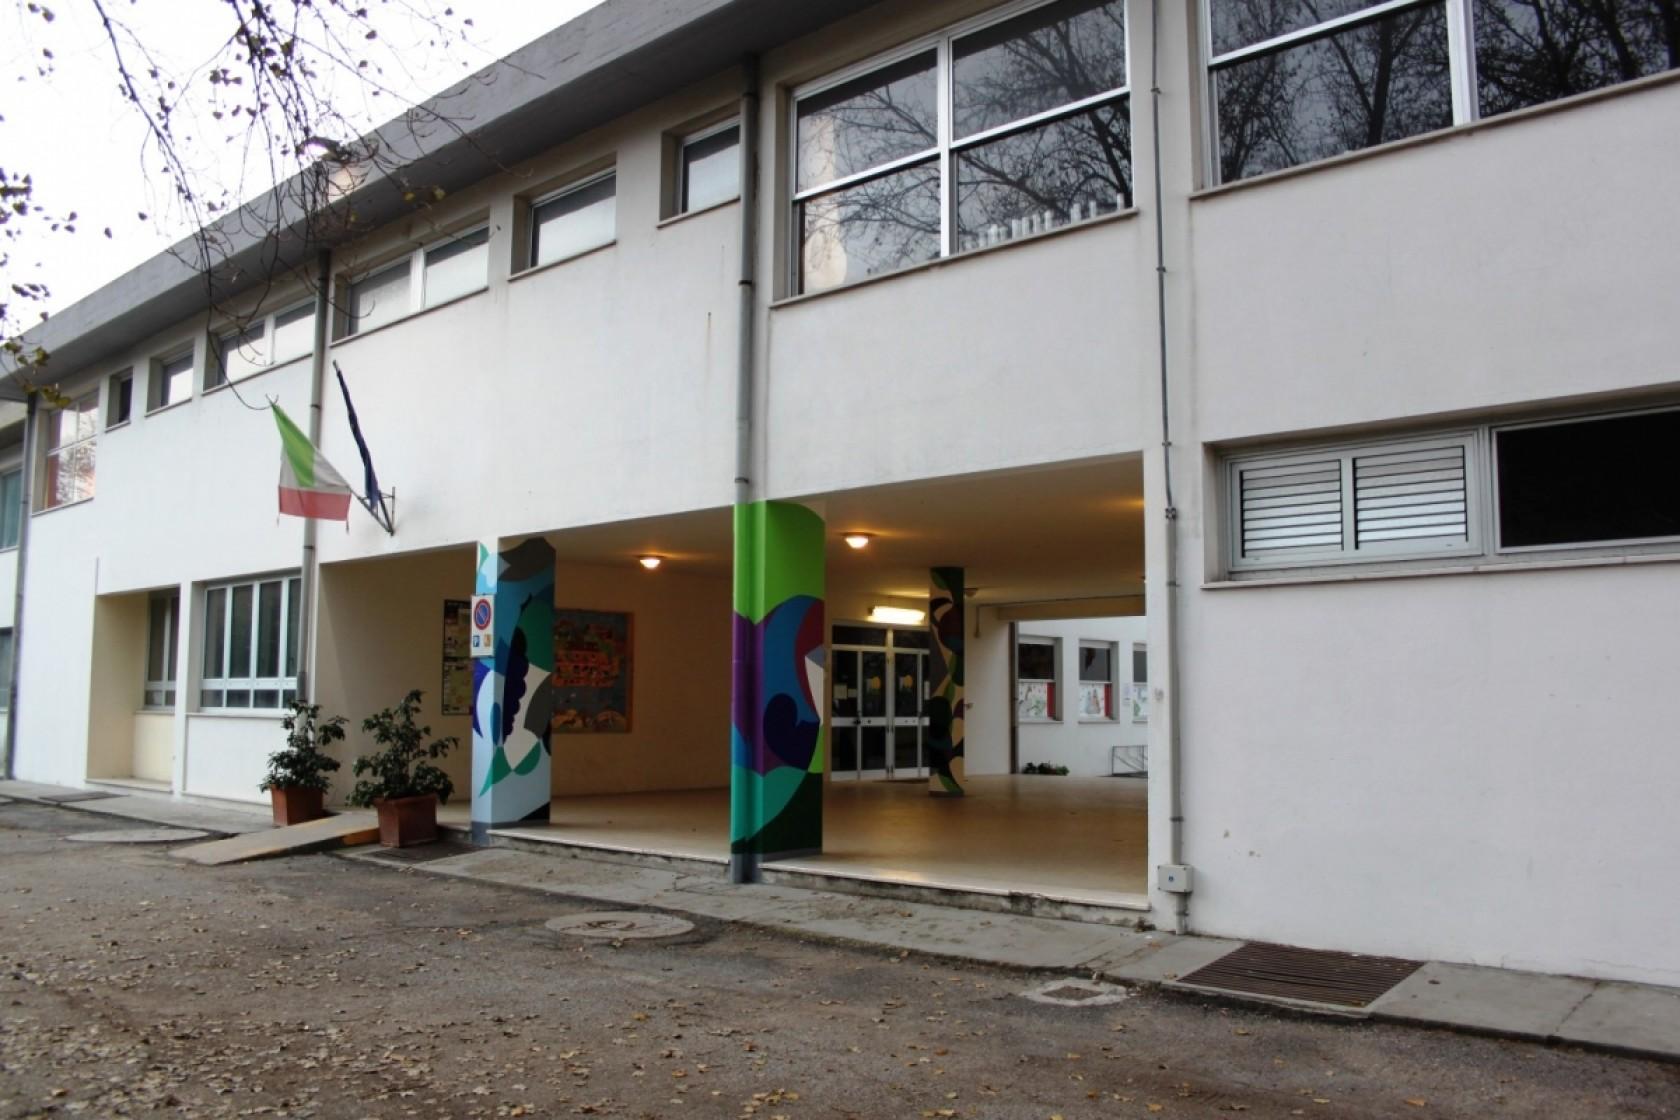 İtalya Devlet Bakanlığı Lise Eğitim Programları Hakkında Merak Edilen Detaylar